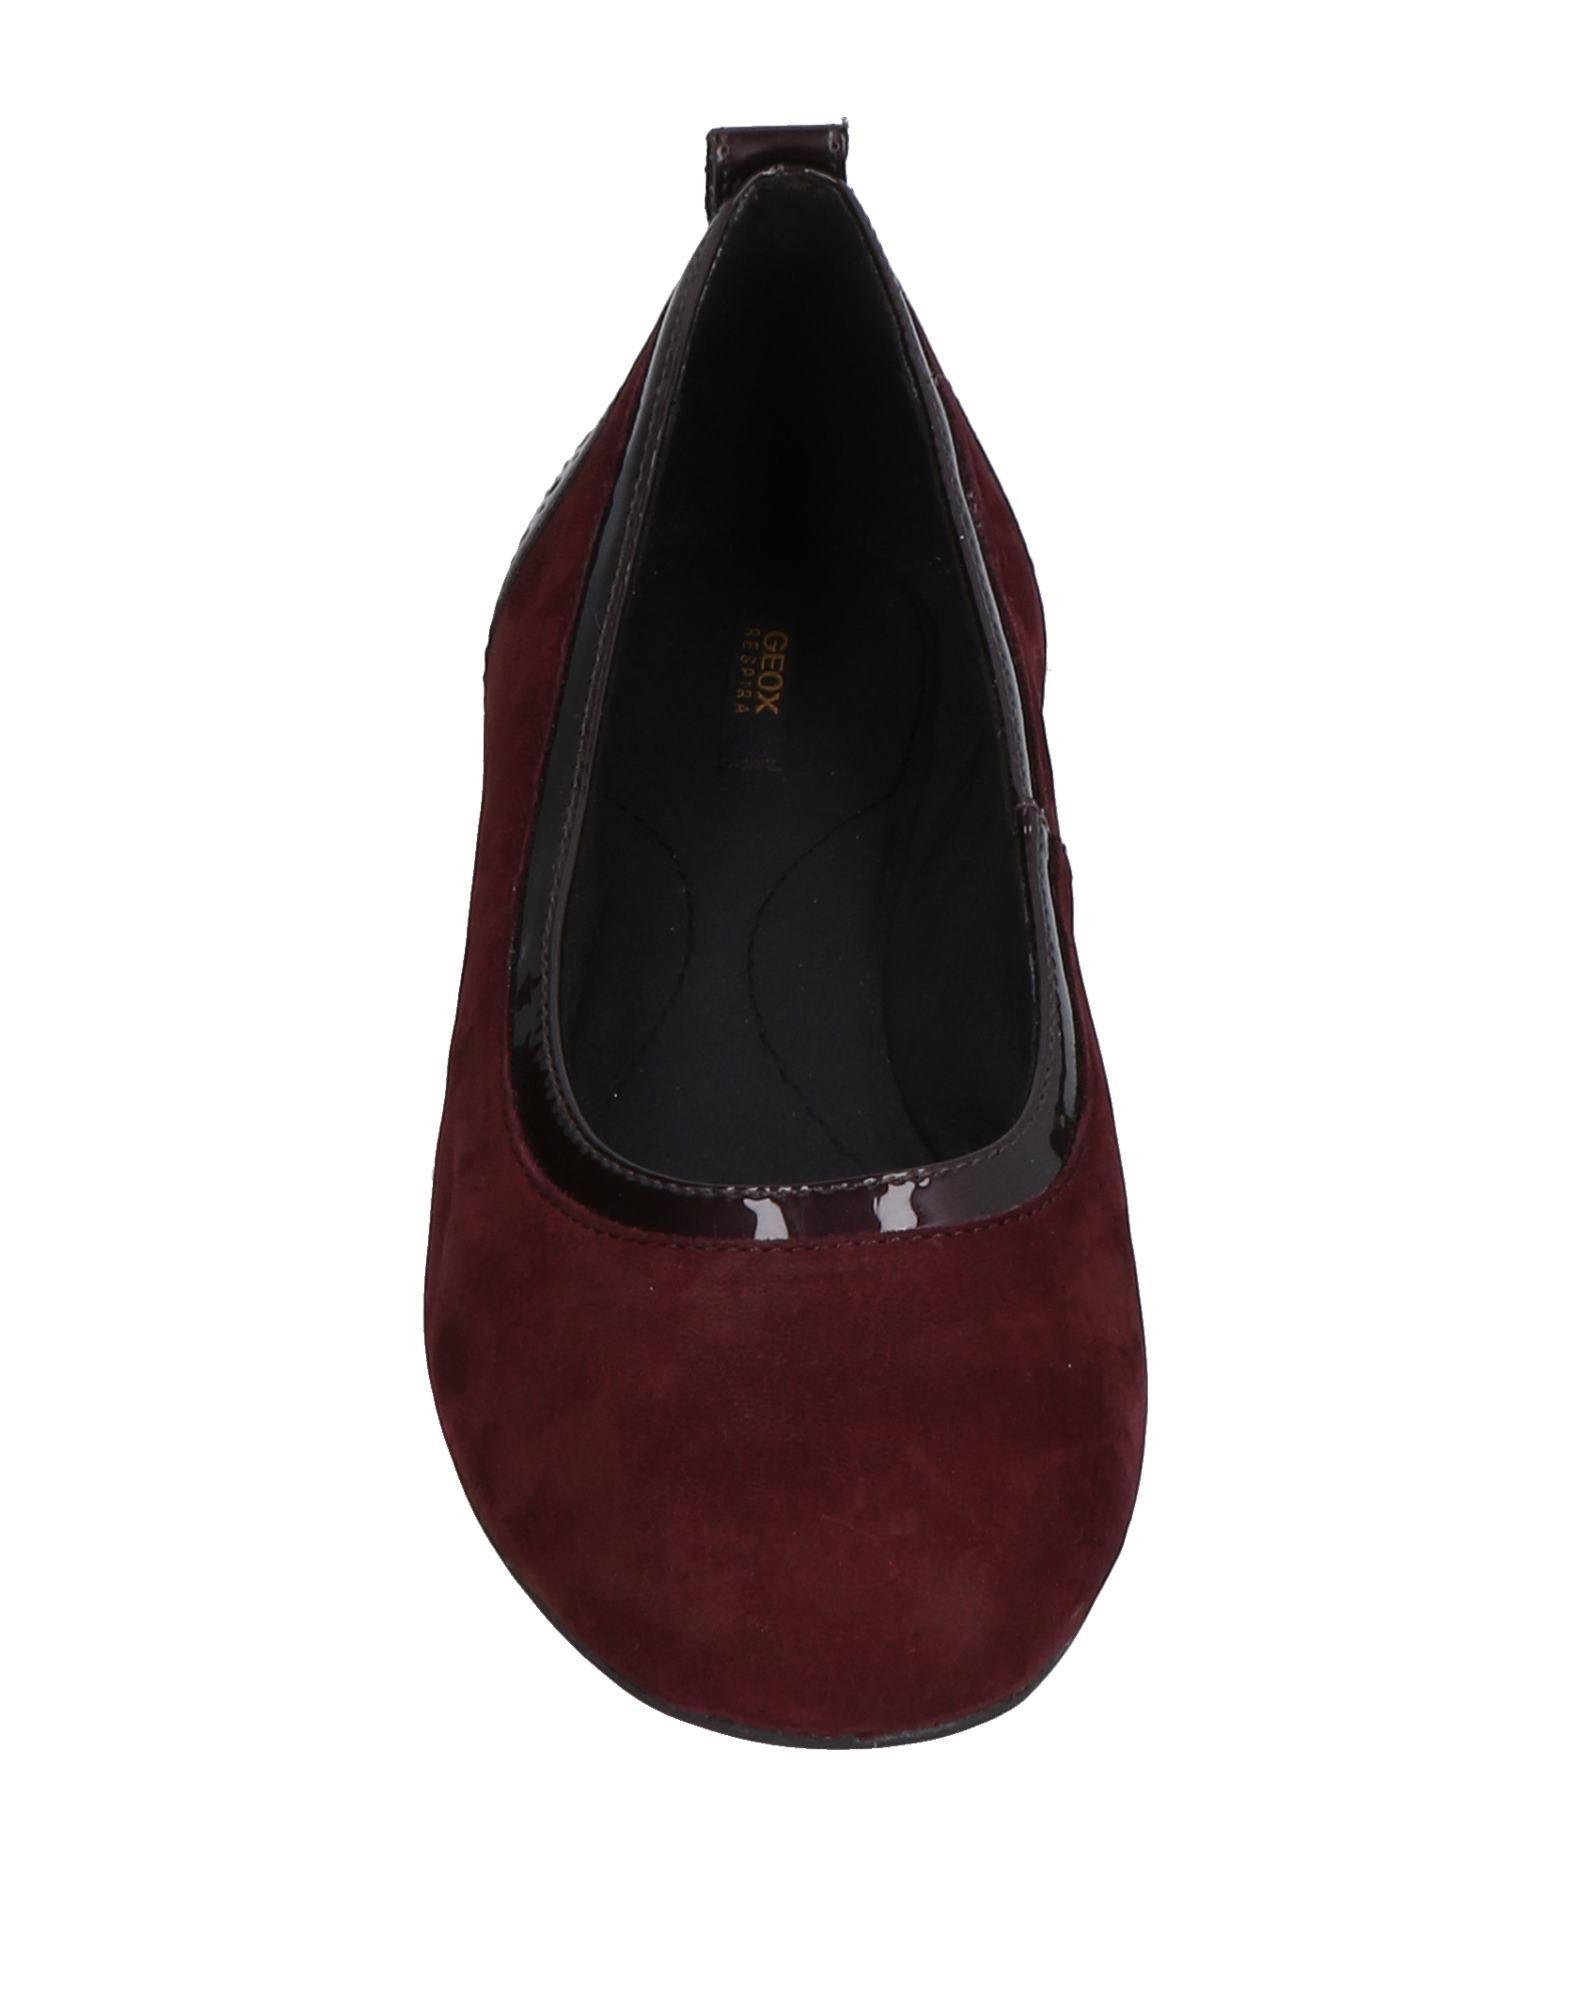 Geox  Ballerinas Damen  Geox 11499002UH Gute Qualität beliebte Schuhe 60dd8c